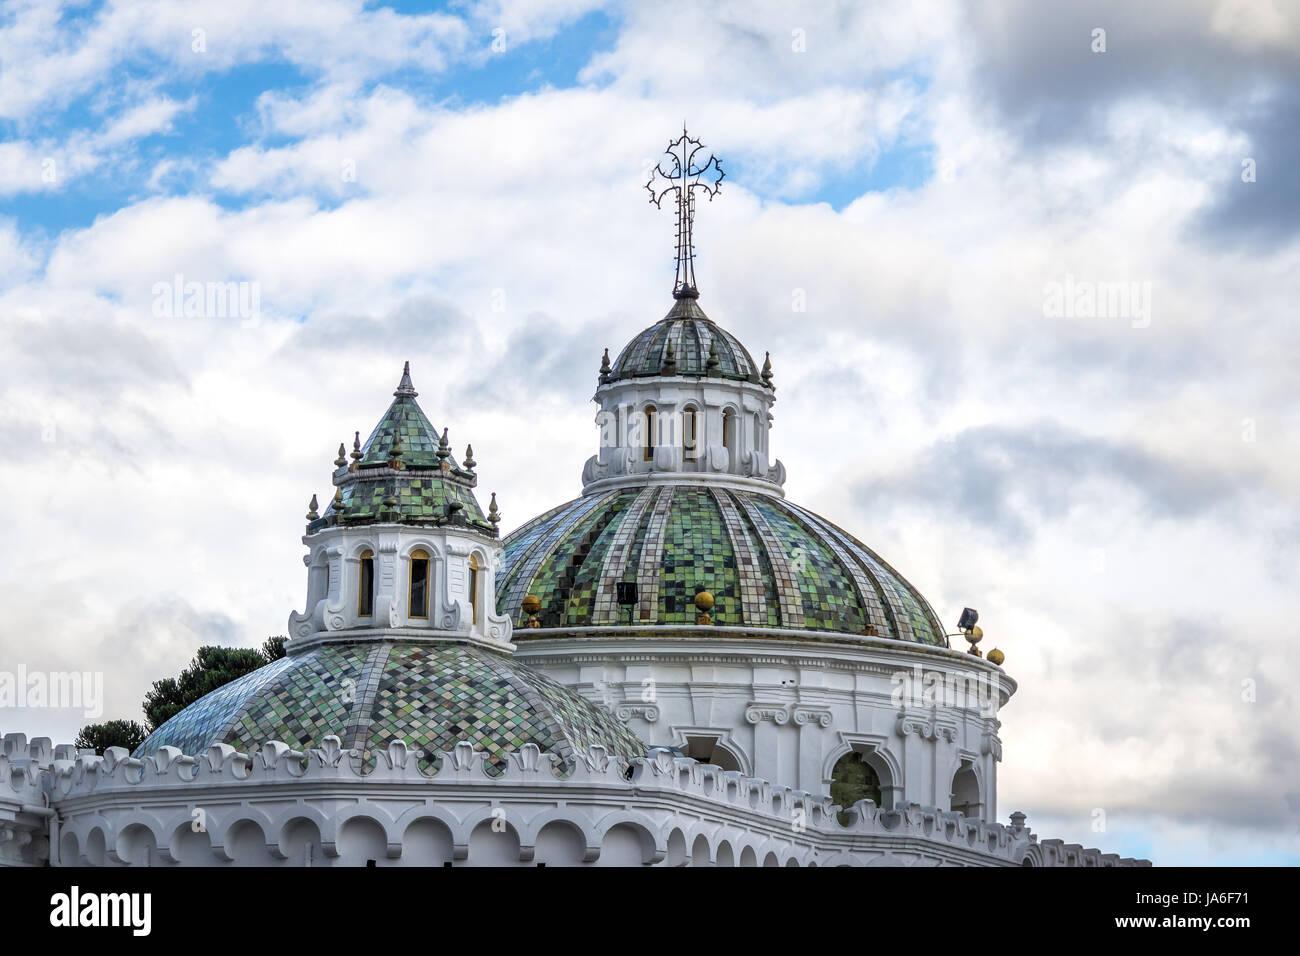 Dôme de la Cathédrale Métropolitaine - Quito, Équateur Photo Stock